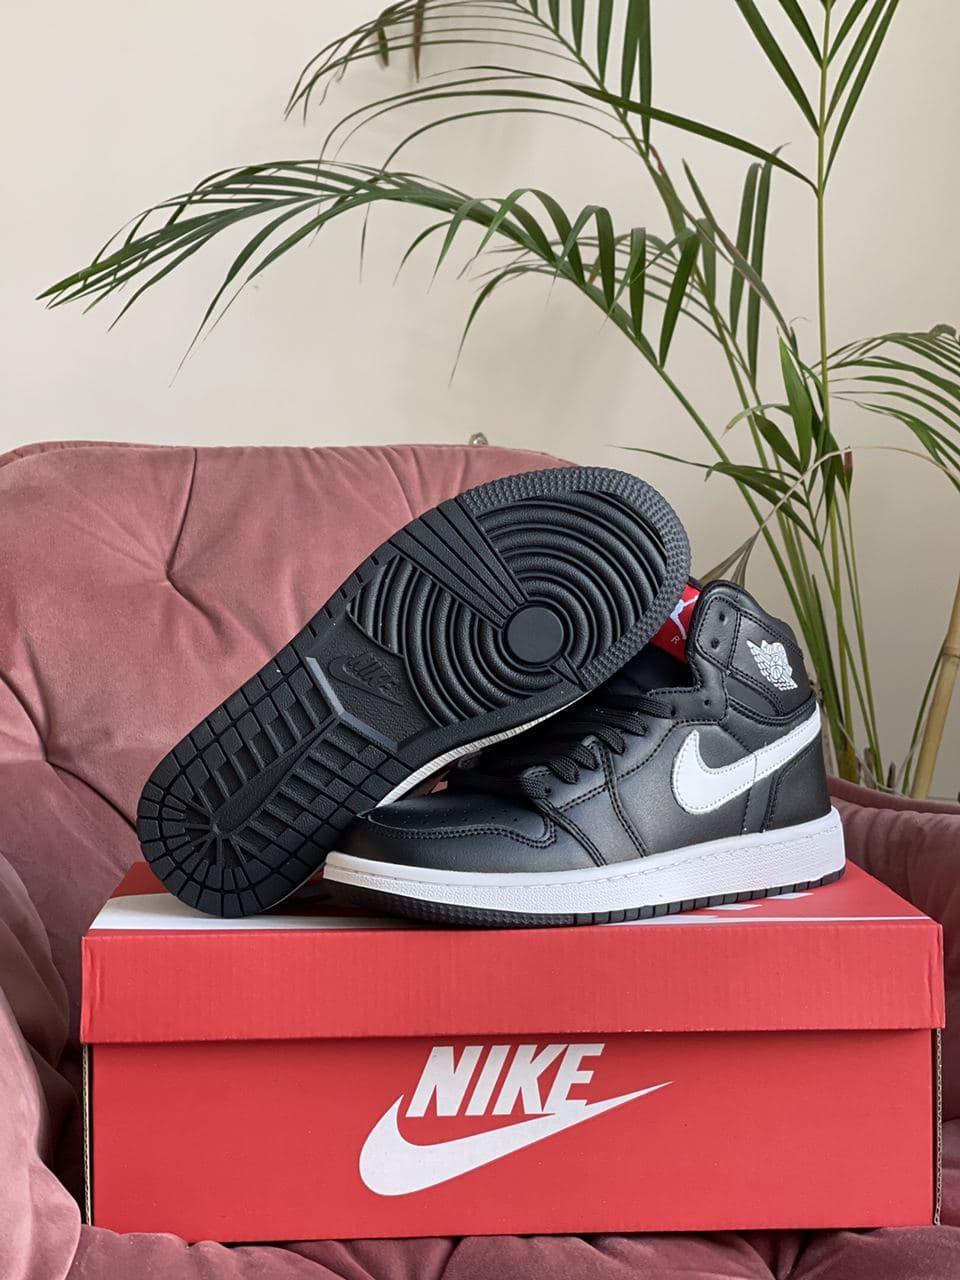 Чоловічі кросівки N!ke Air Jordan 1 High White/Black/Red весна/осінь 41   42   43   44   45